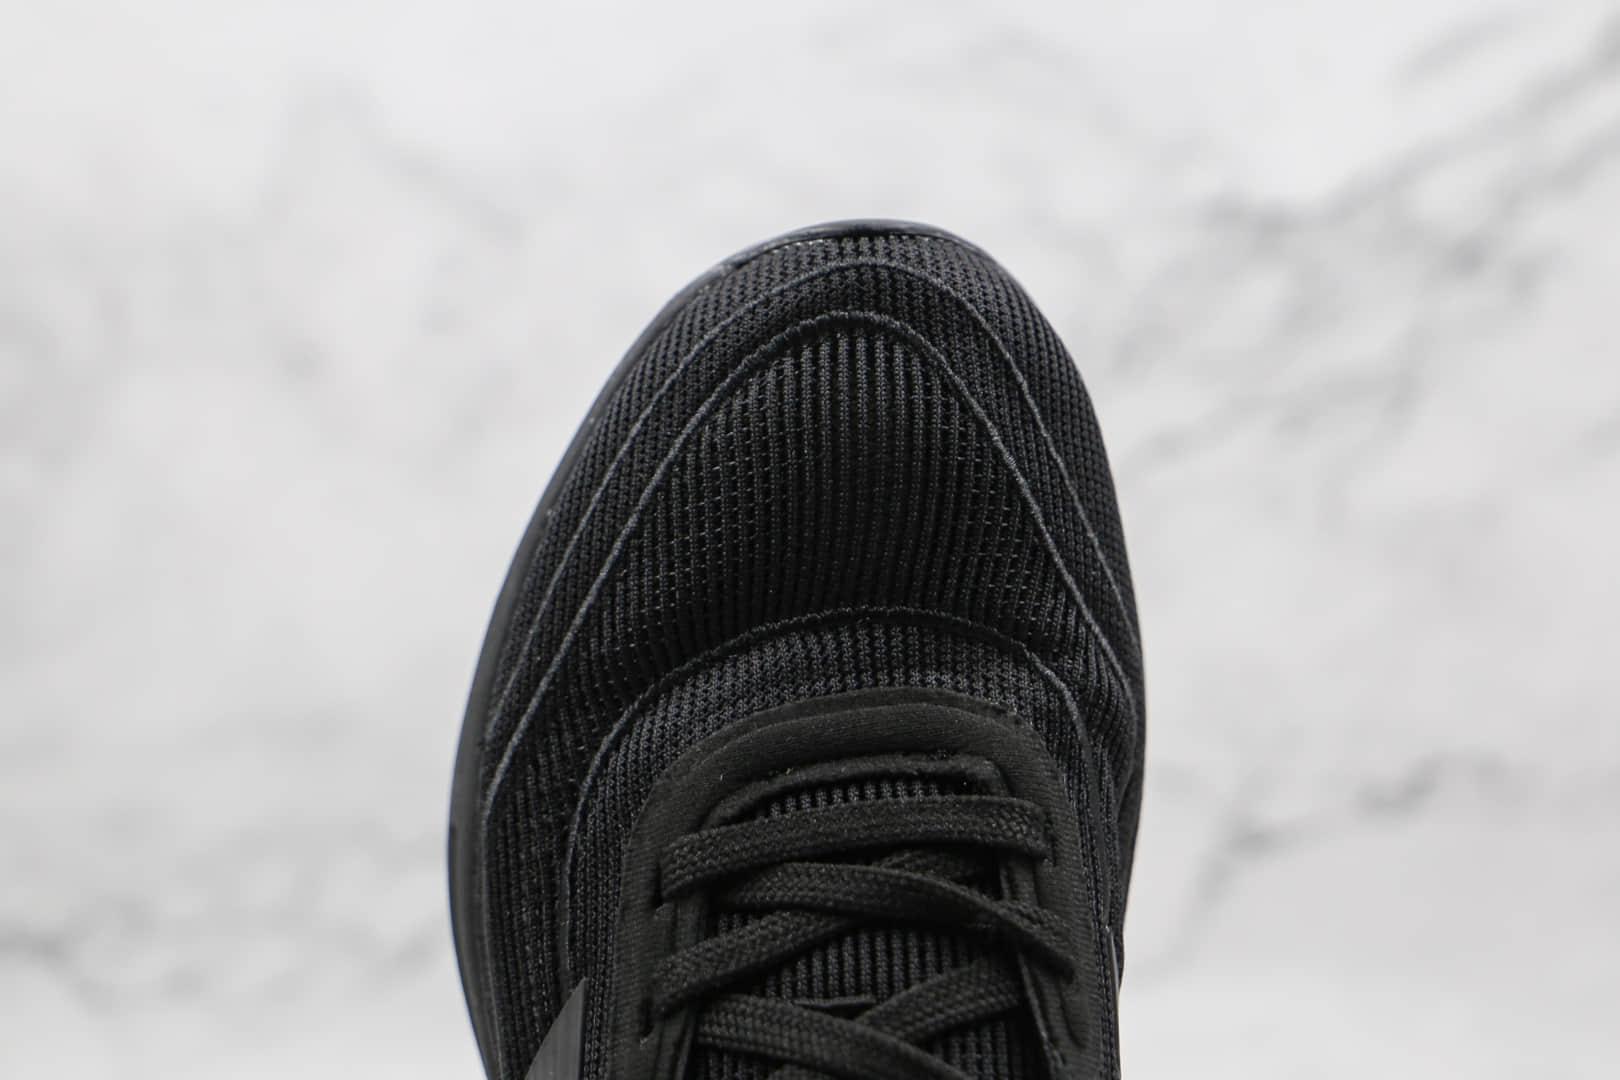 阿迪达斯adidas Supernova M纯原版本纯黑色爆米花跑鞋原档案数据开发原鞋开模一比一打造 货号:FX8332